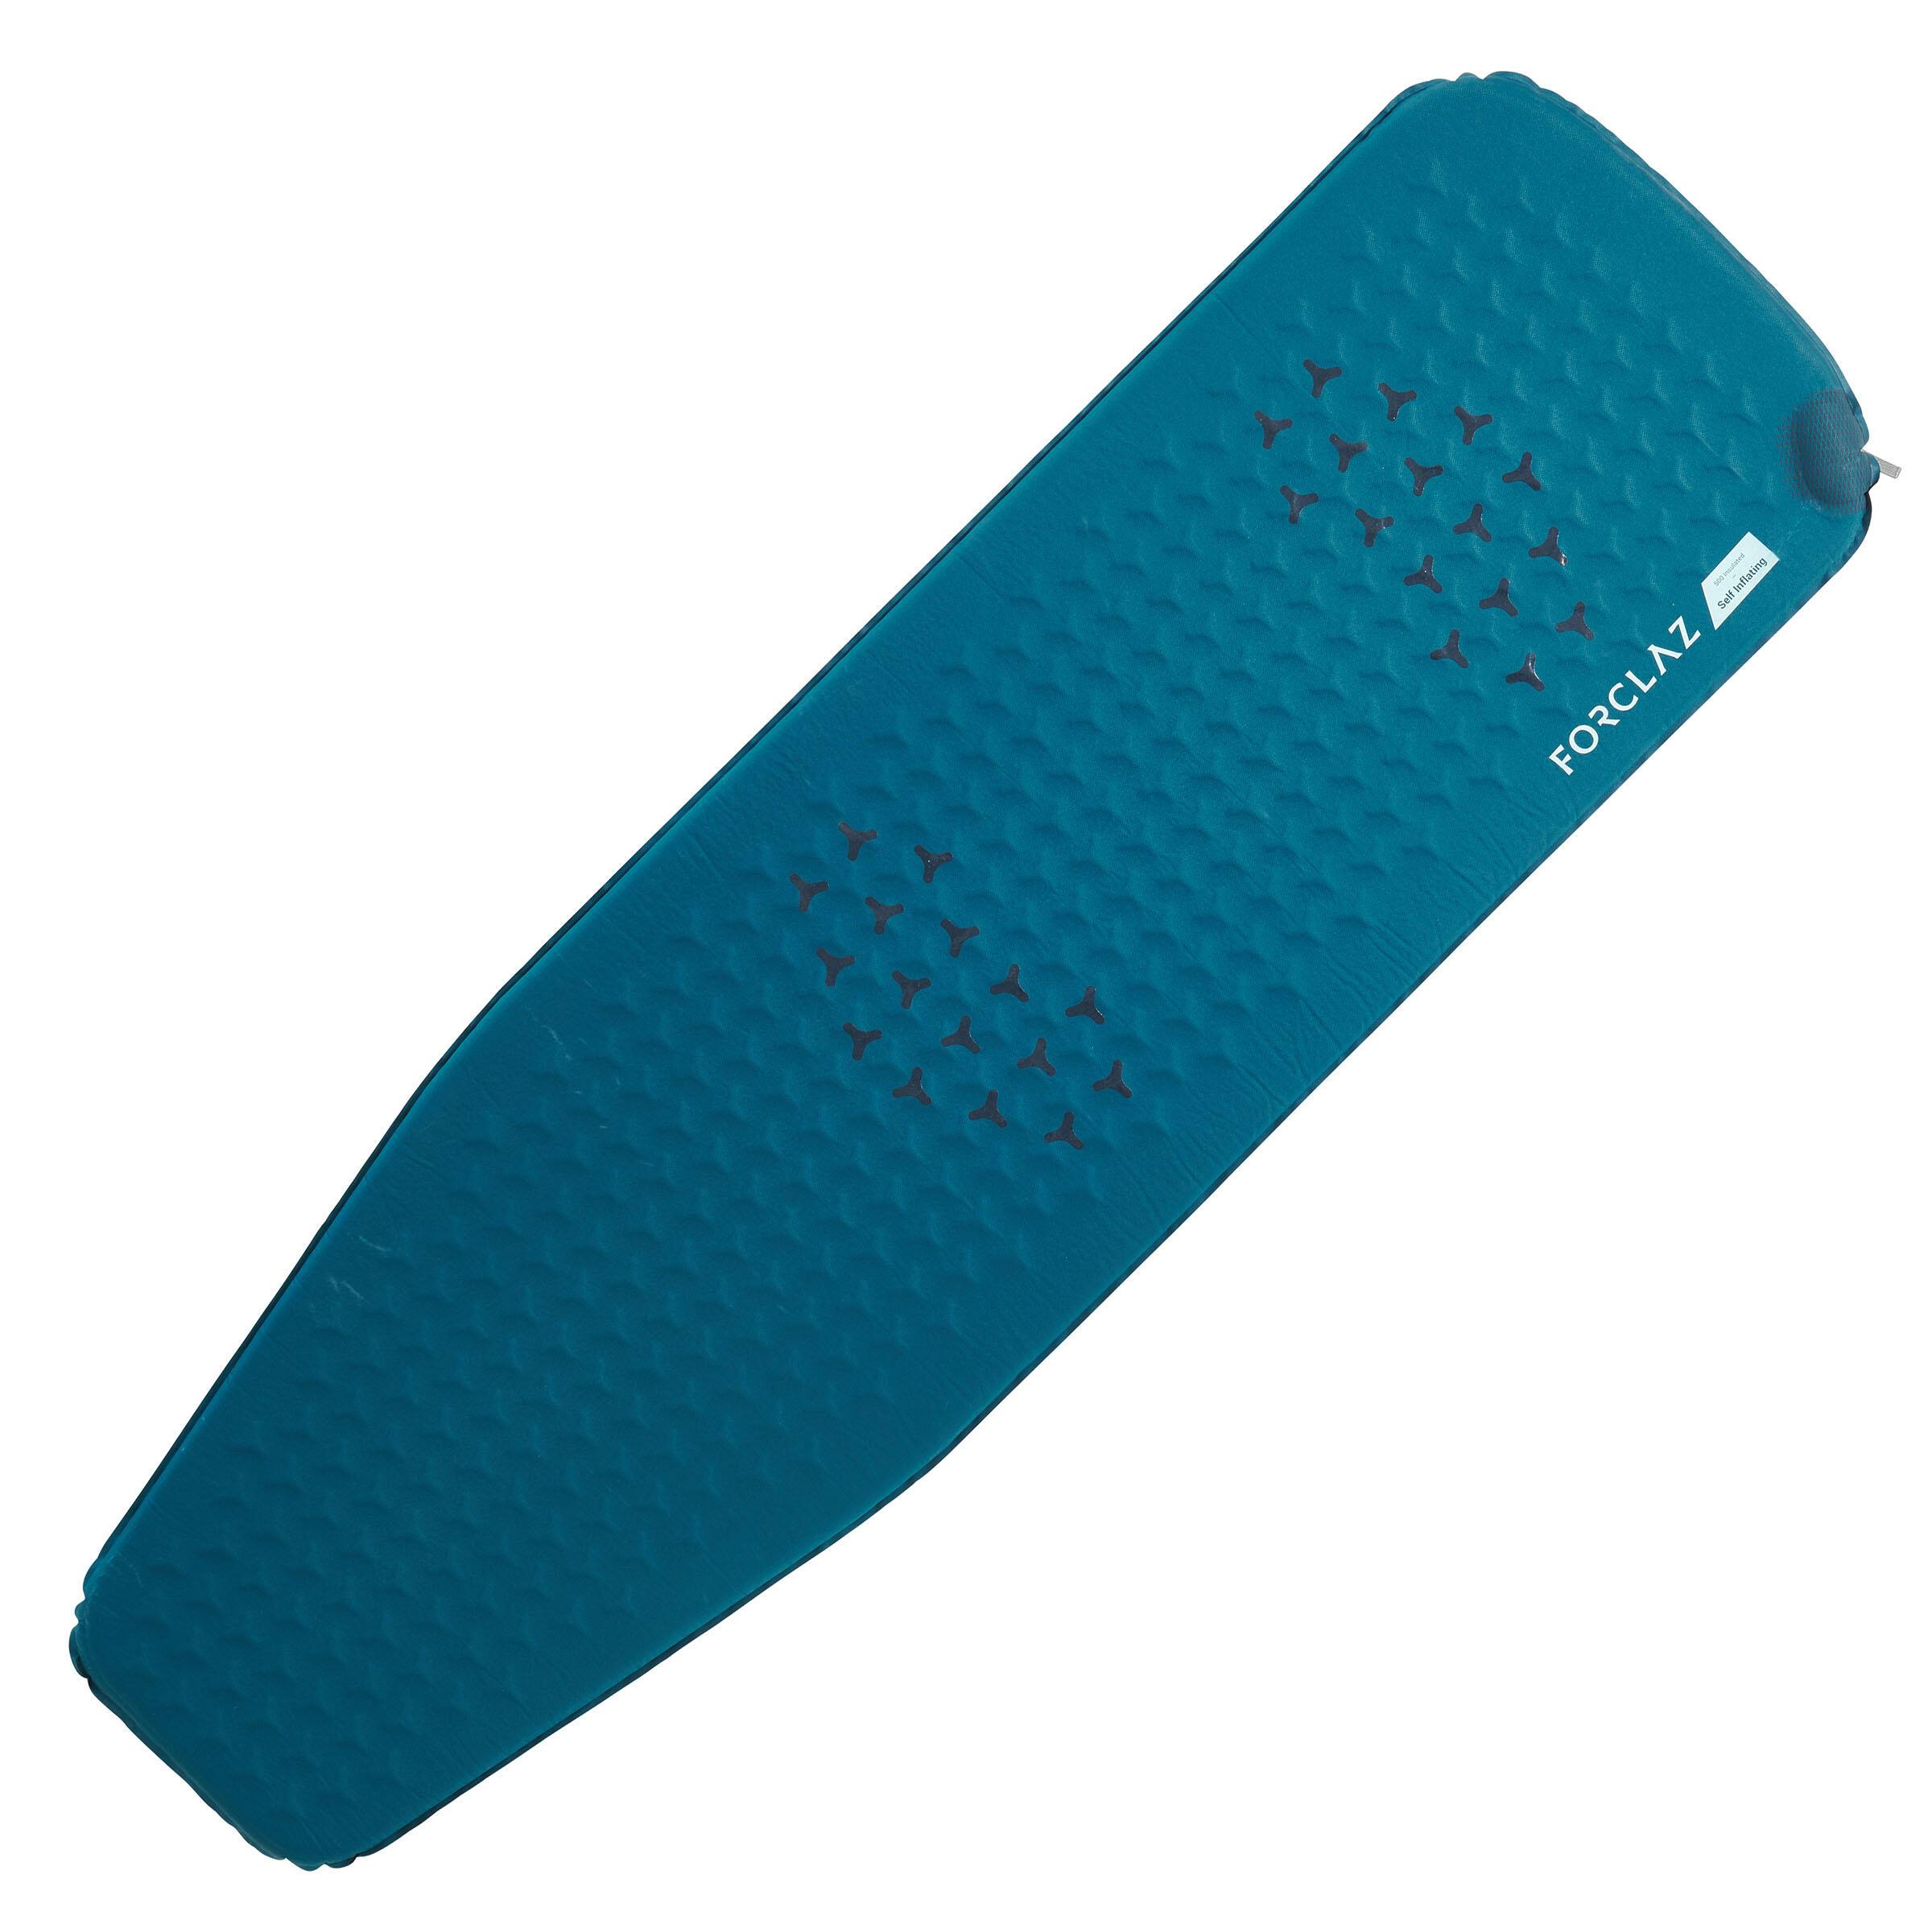 Forclaz Slaapmatje voor trekking Trek 500 zelfopblazend L blauw